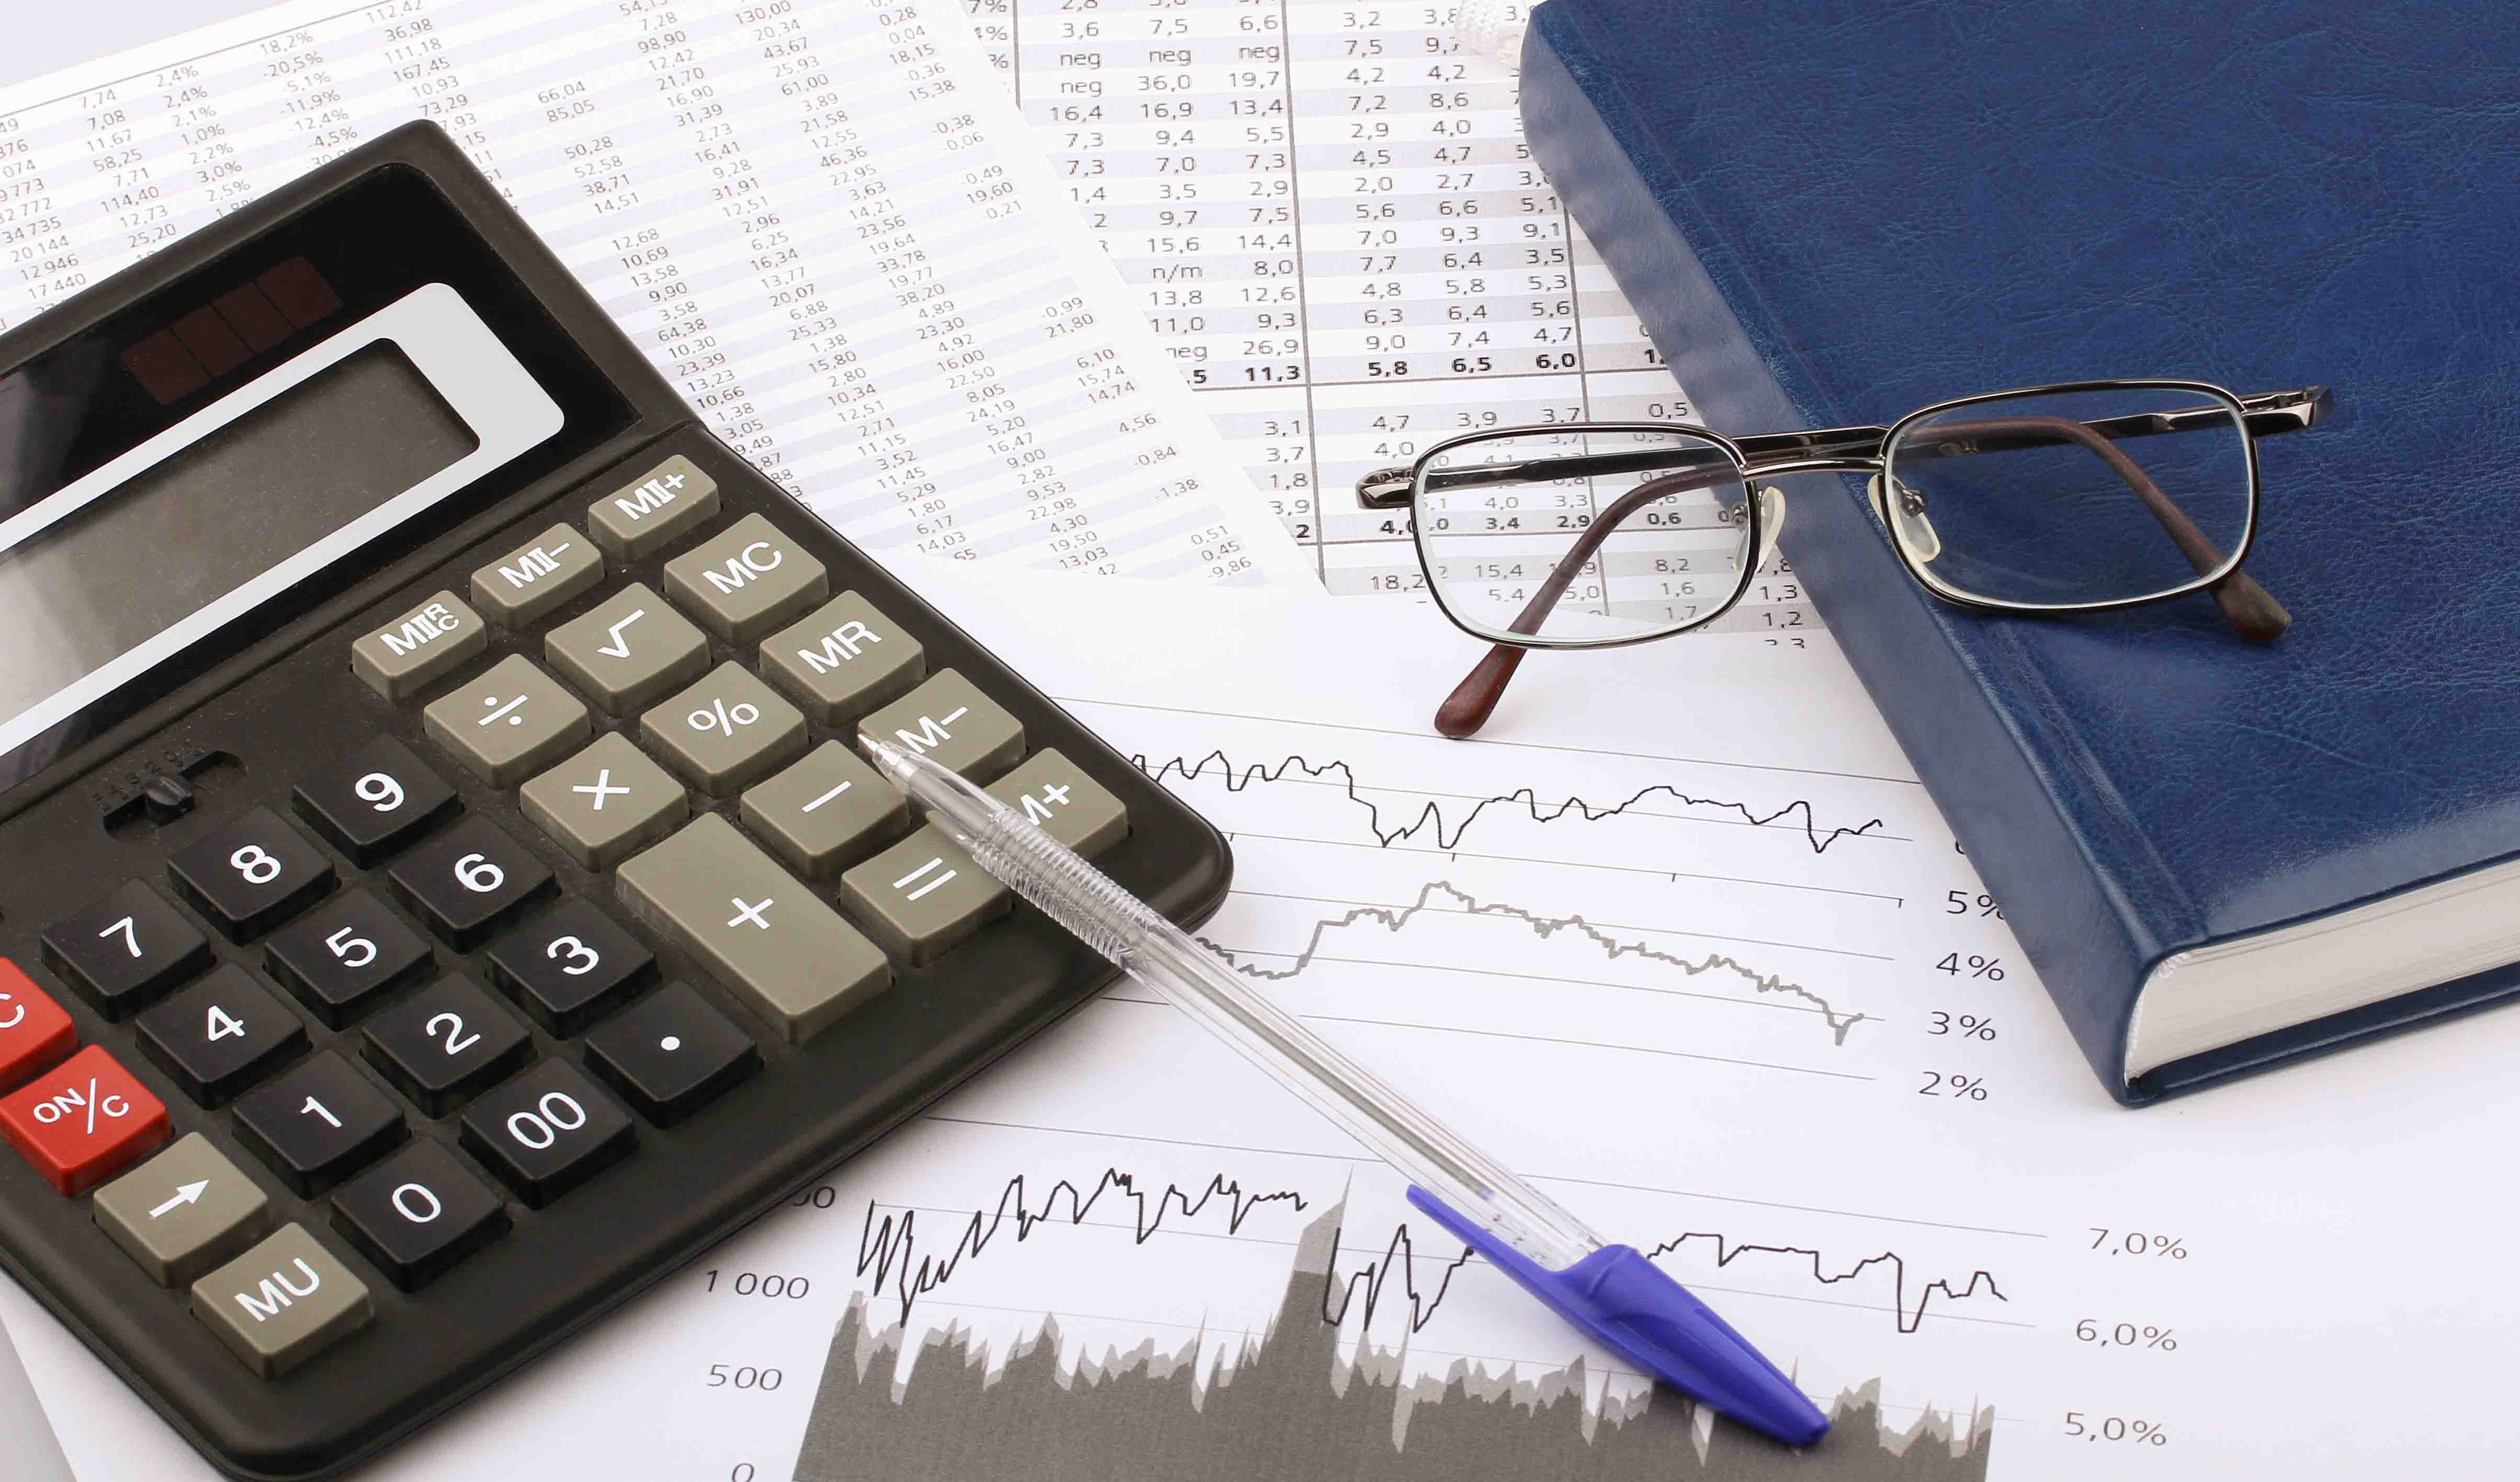 افزایش ۲۸۱۰ میلیارد تومانی مالیات بر ثروت در لایحه بودجه